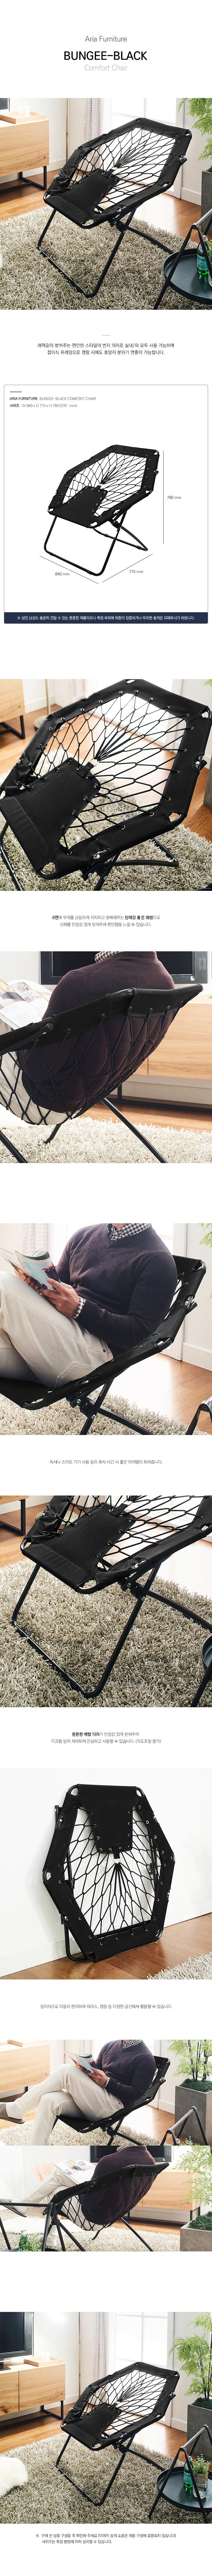 Bungee-Black-Chair_201113.jpg